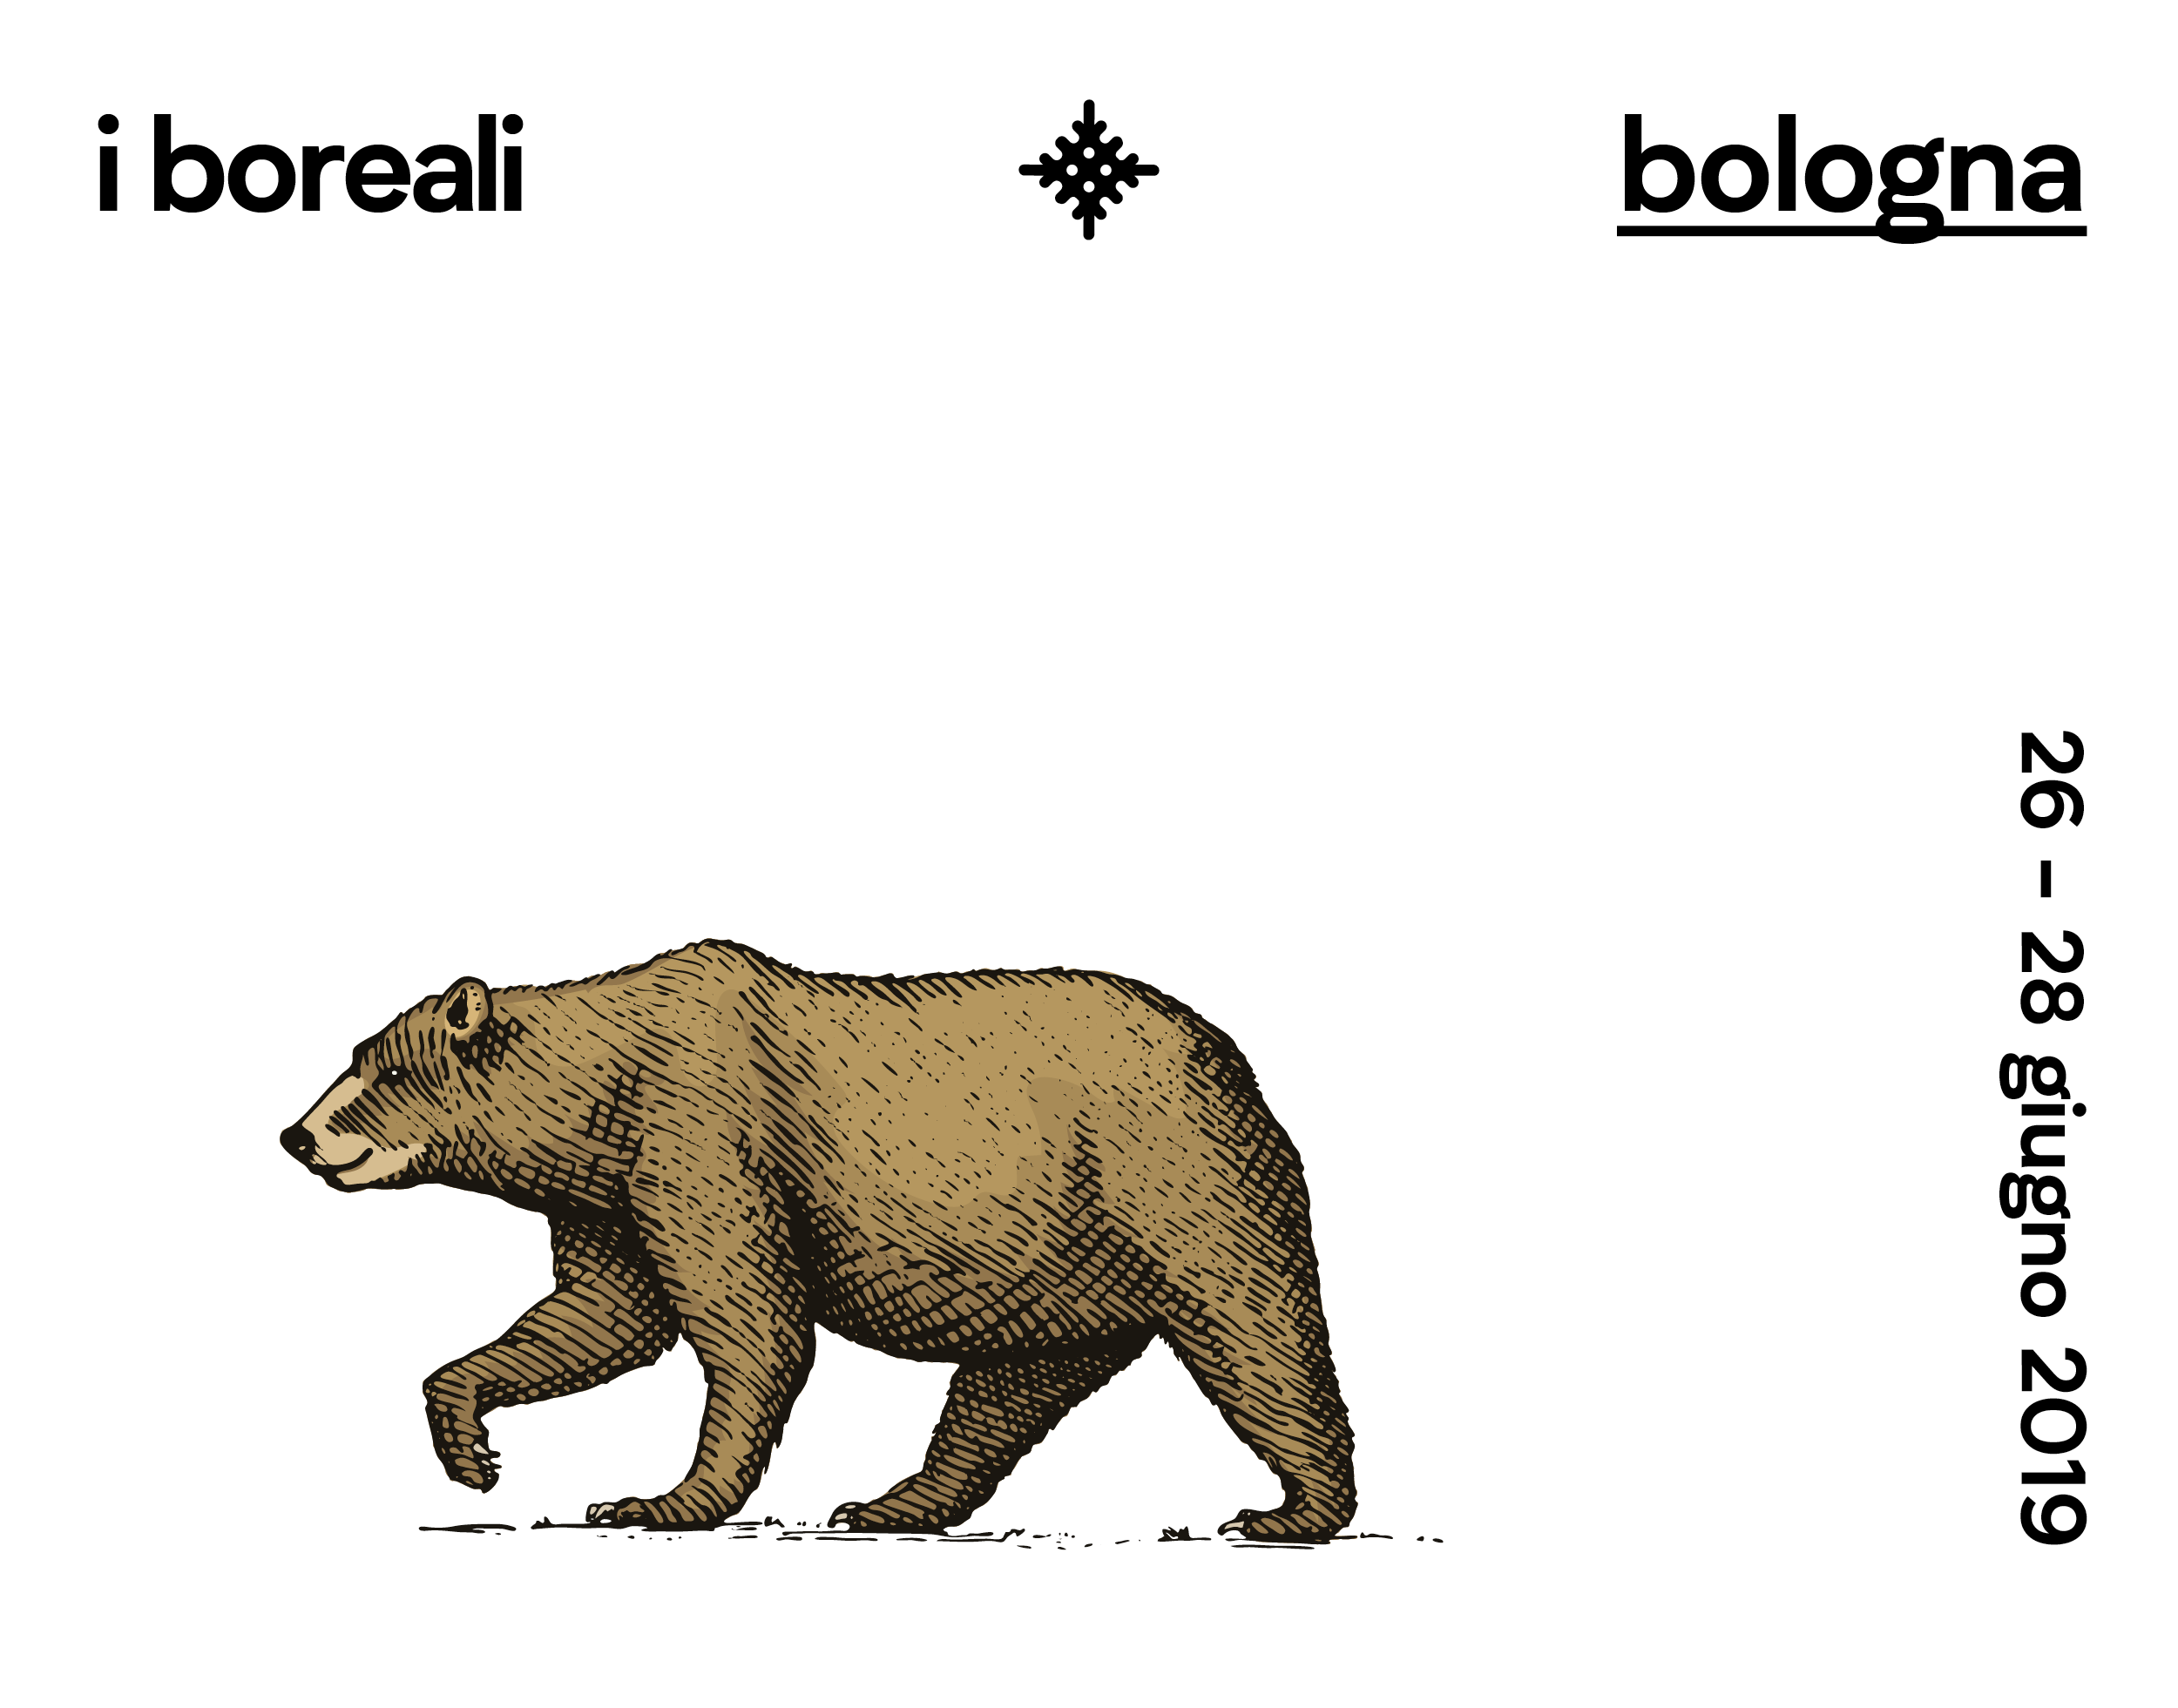 I Boreali dal 26 al 28 giugno prima volta a Bologna